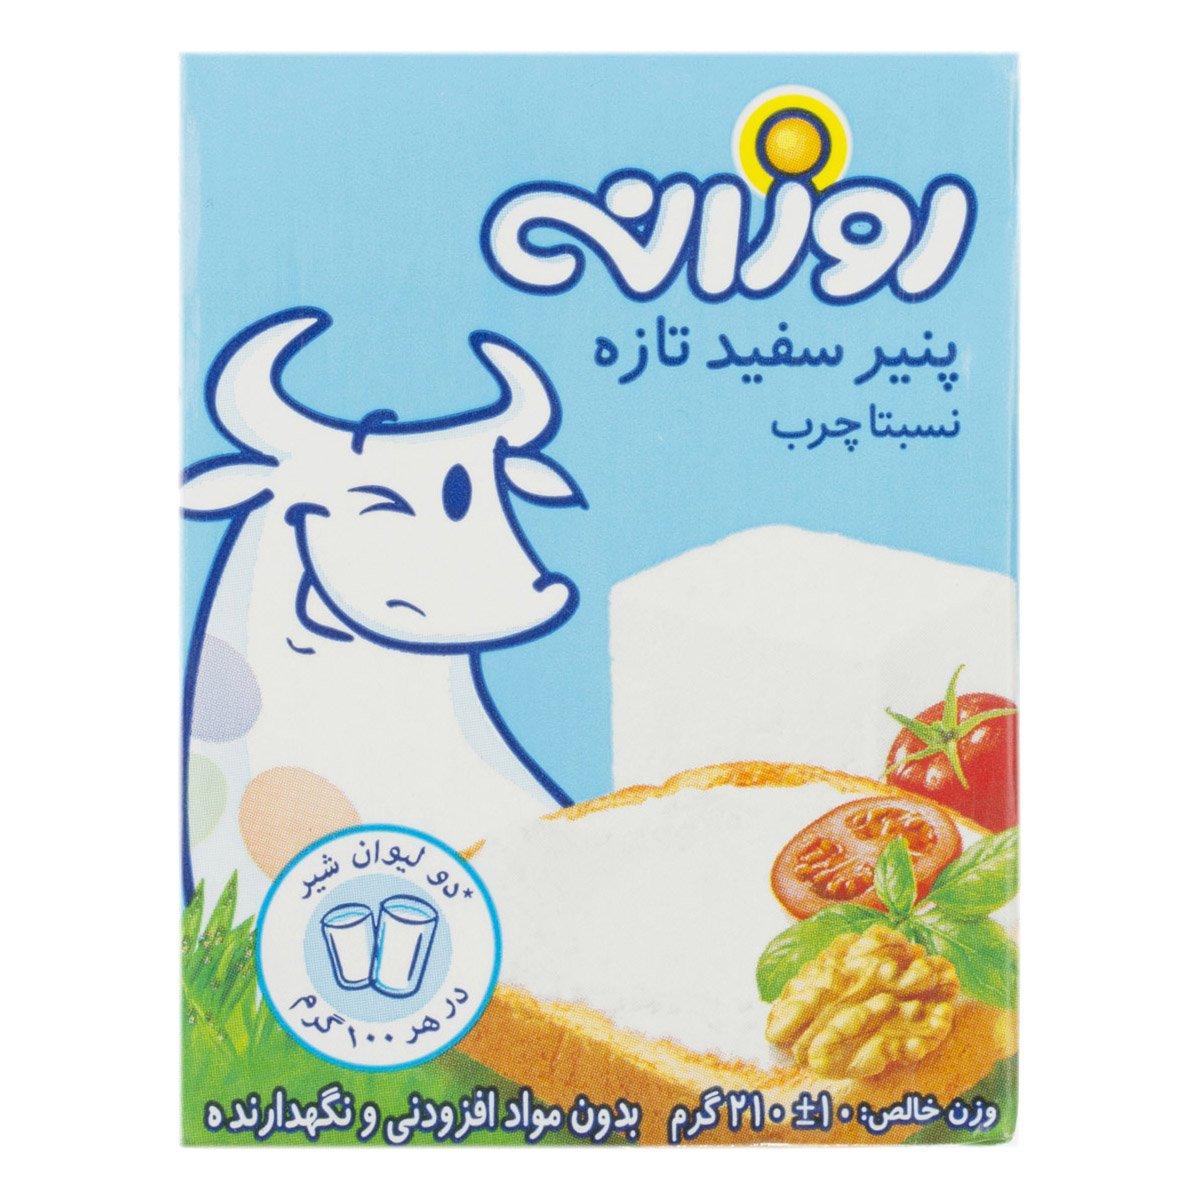 پنیر سفید تازه روزانه ۲۱۰ گرمی